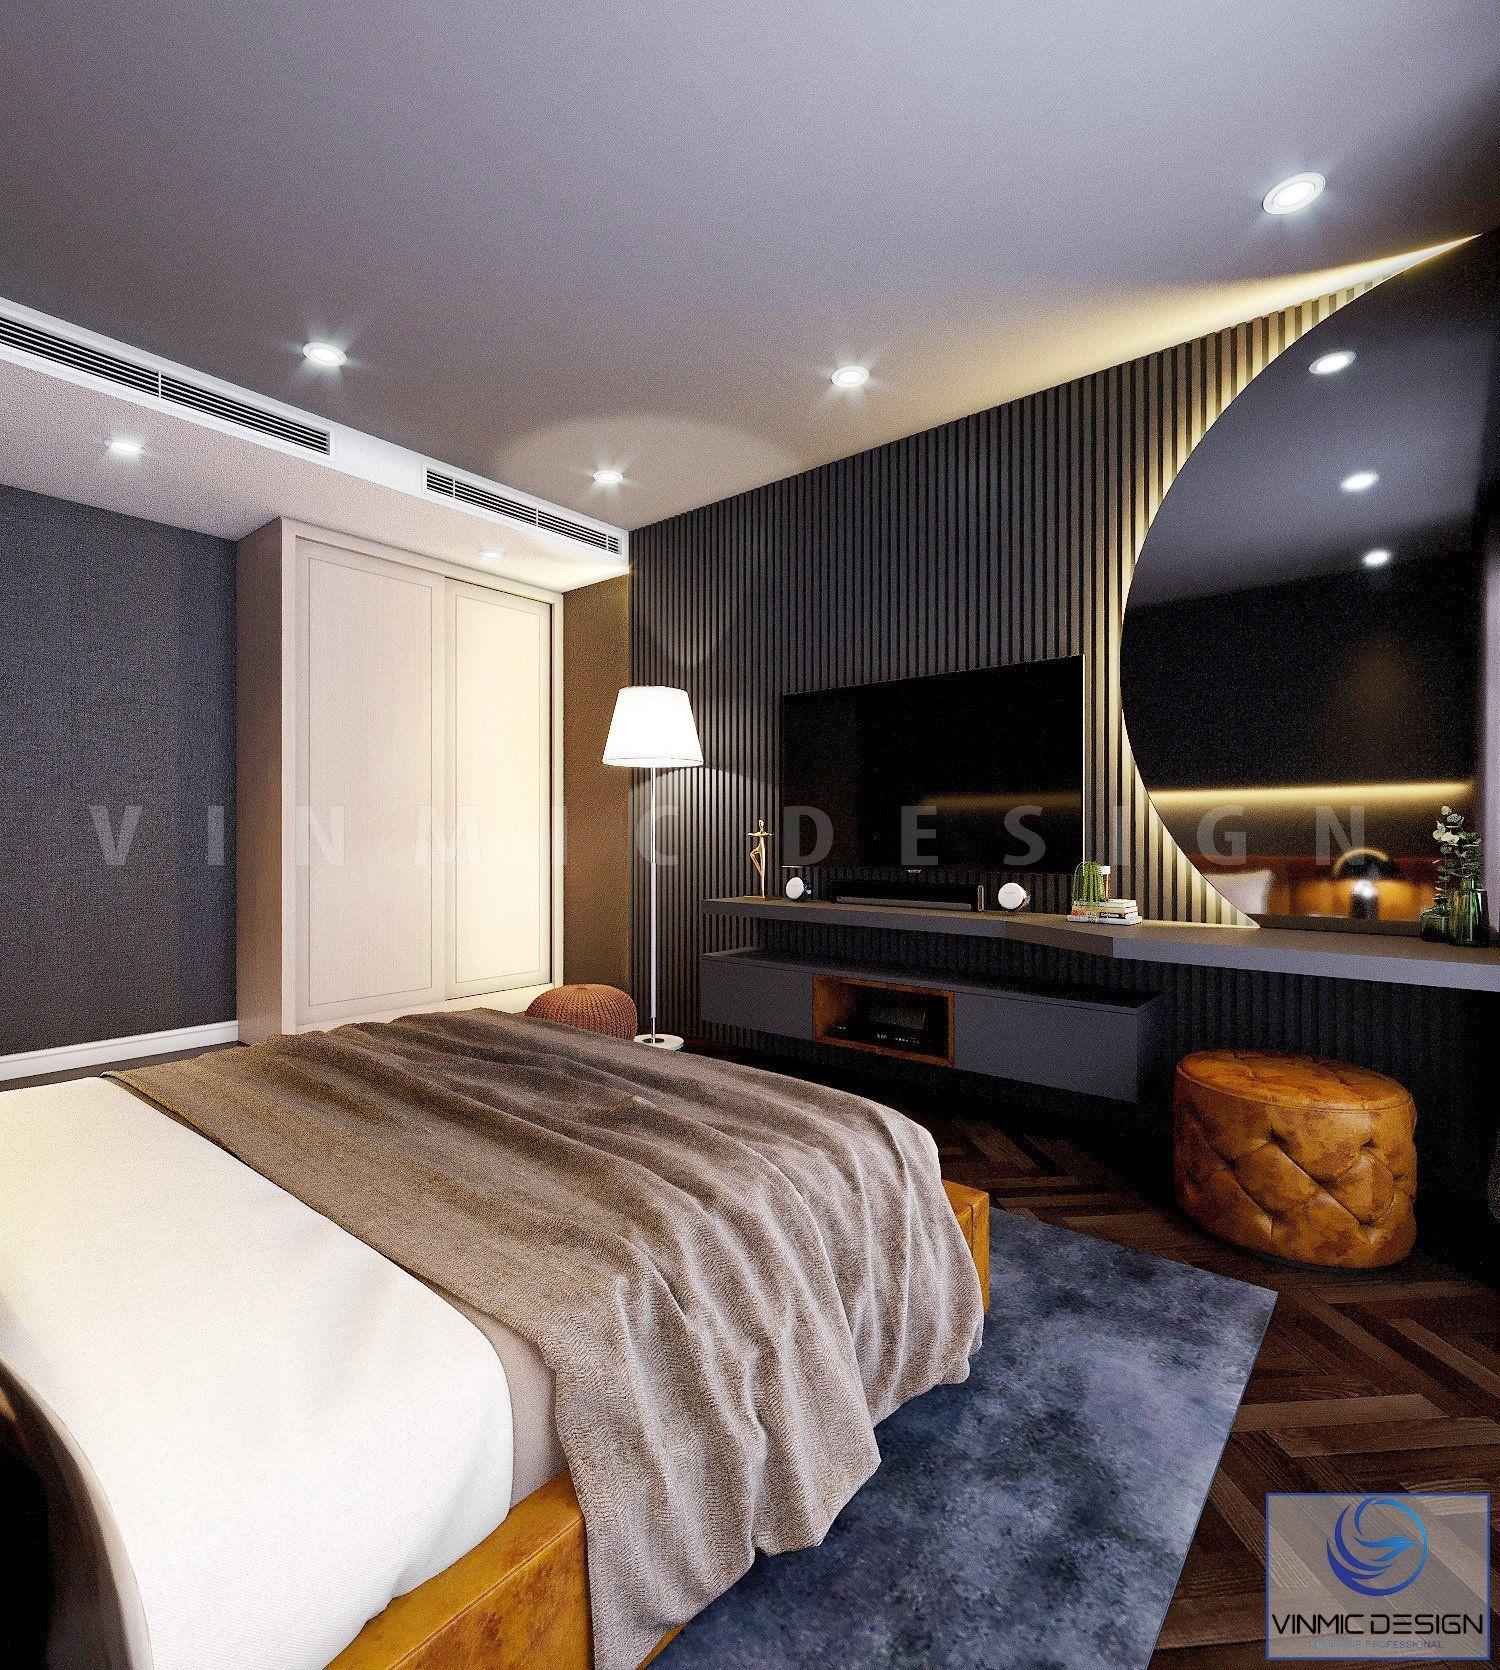 Phòng ngủ ấn tượng với phía sau gương là đèn led nổi bật